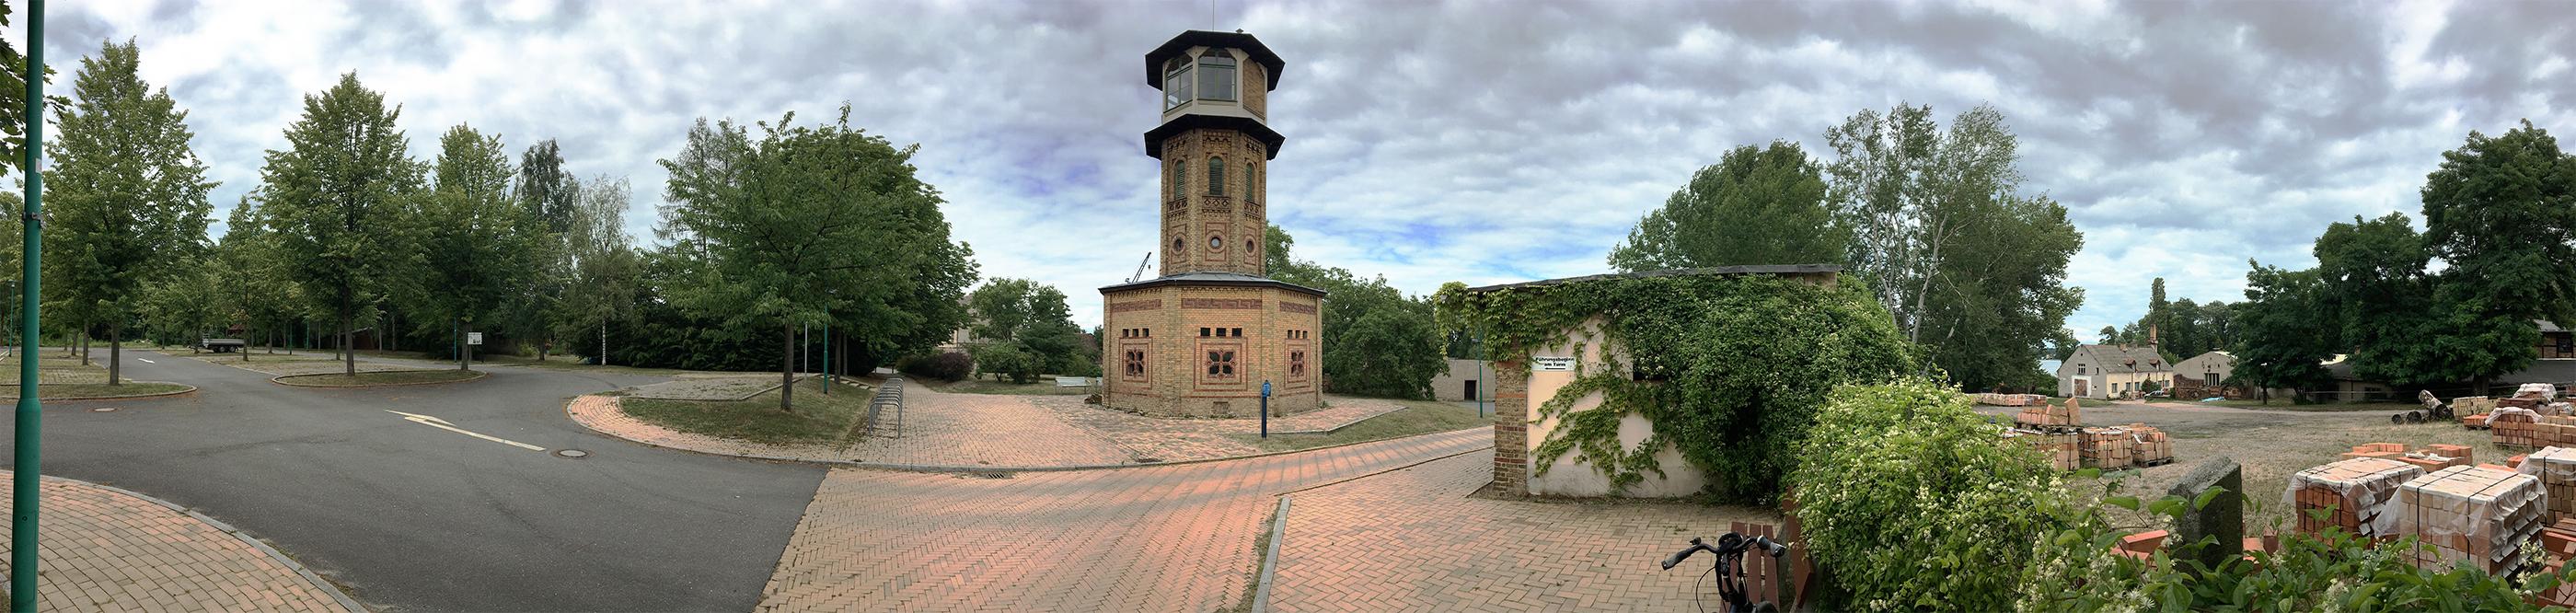 Museumsturm_Panorama.jpg